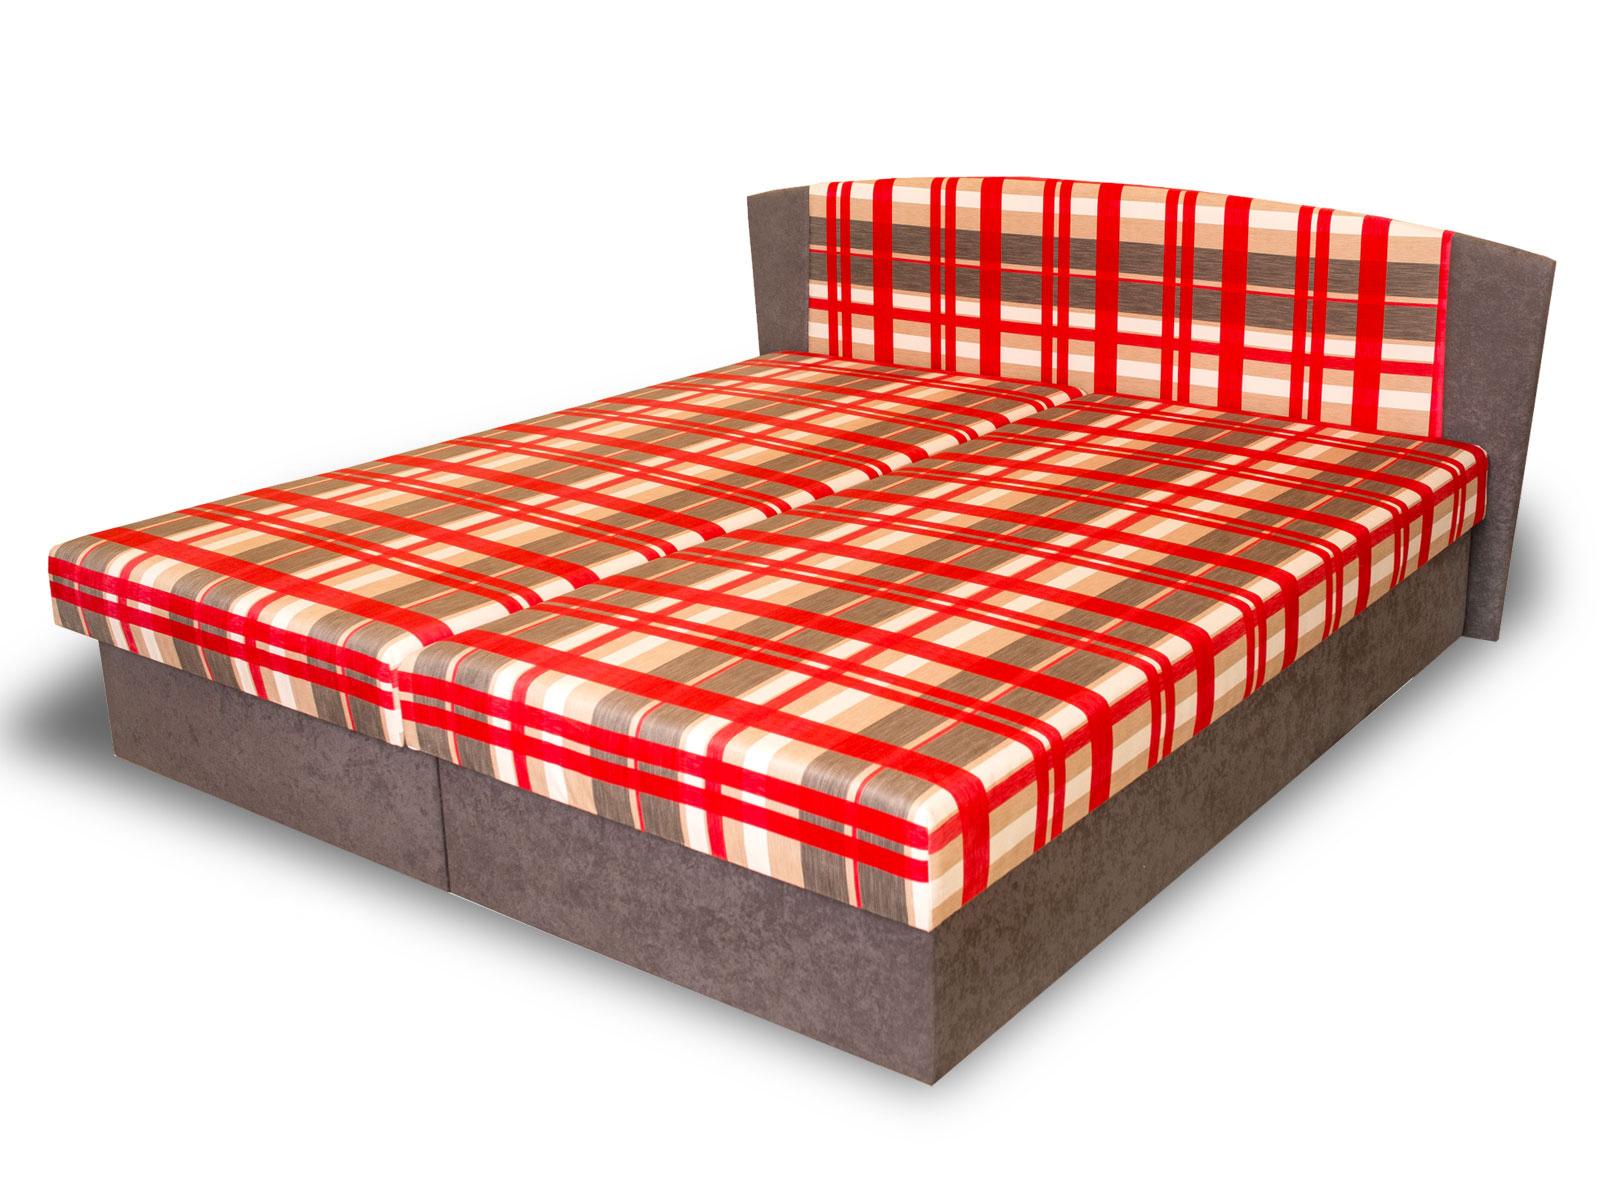 Manželská postel 160 cm - Benab - Laura (s rošty a matracemi)